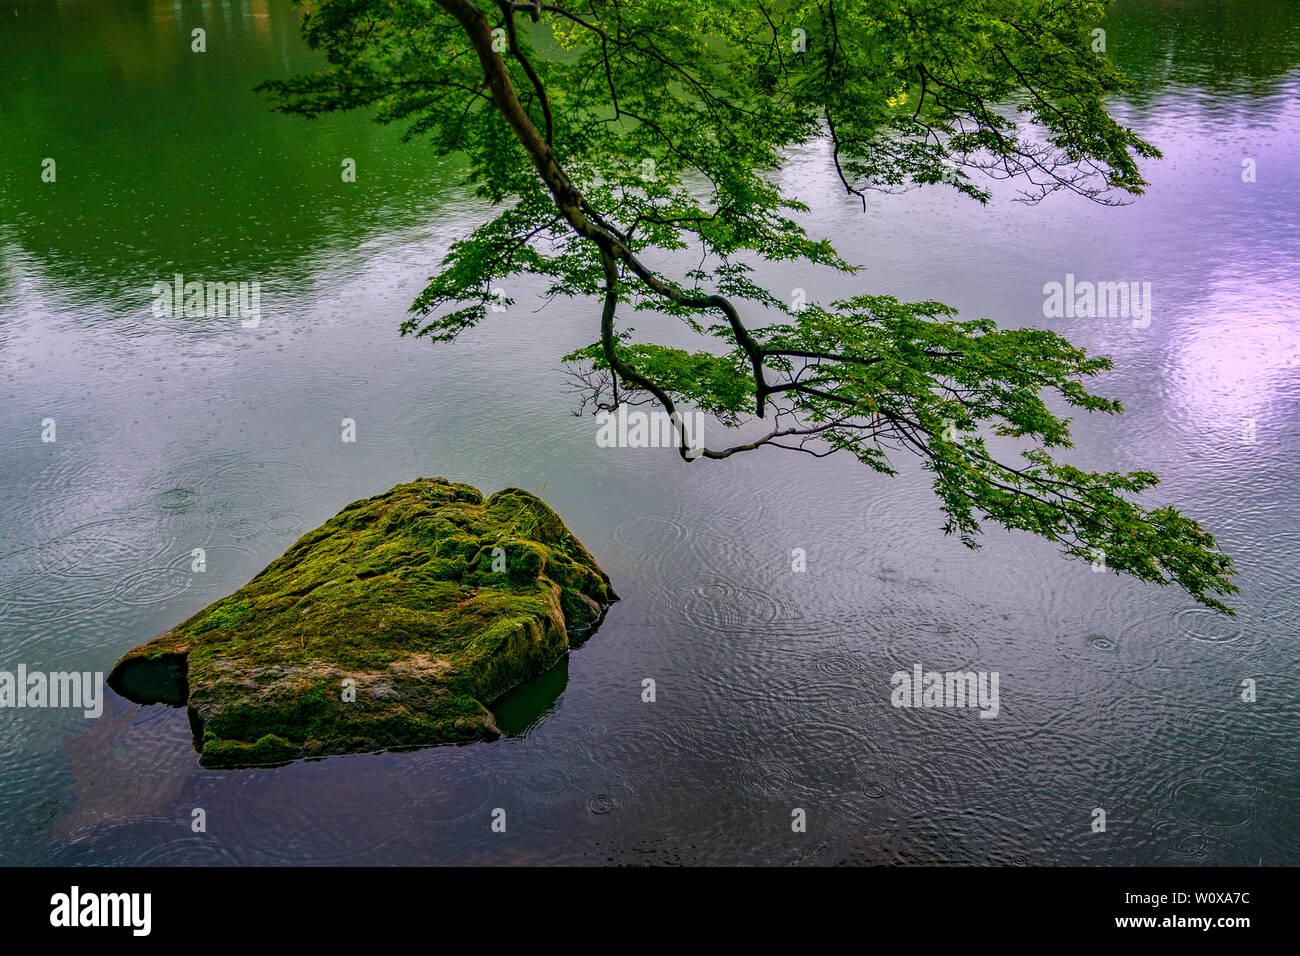 Arashiyama historical scenic site Stock Photo